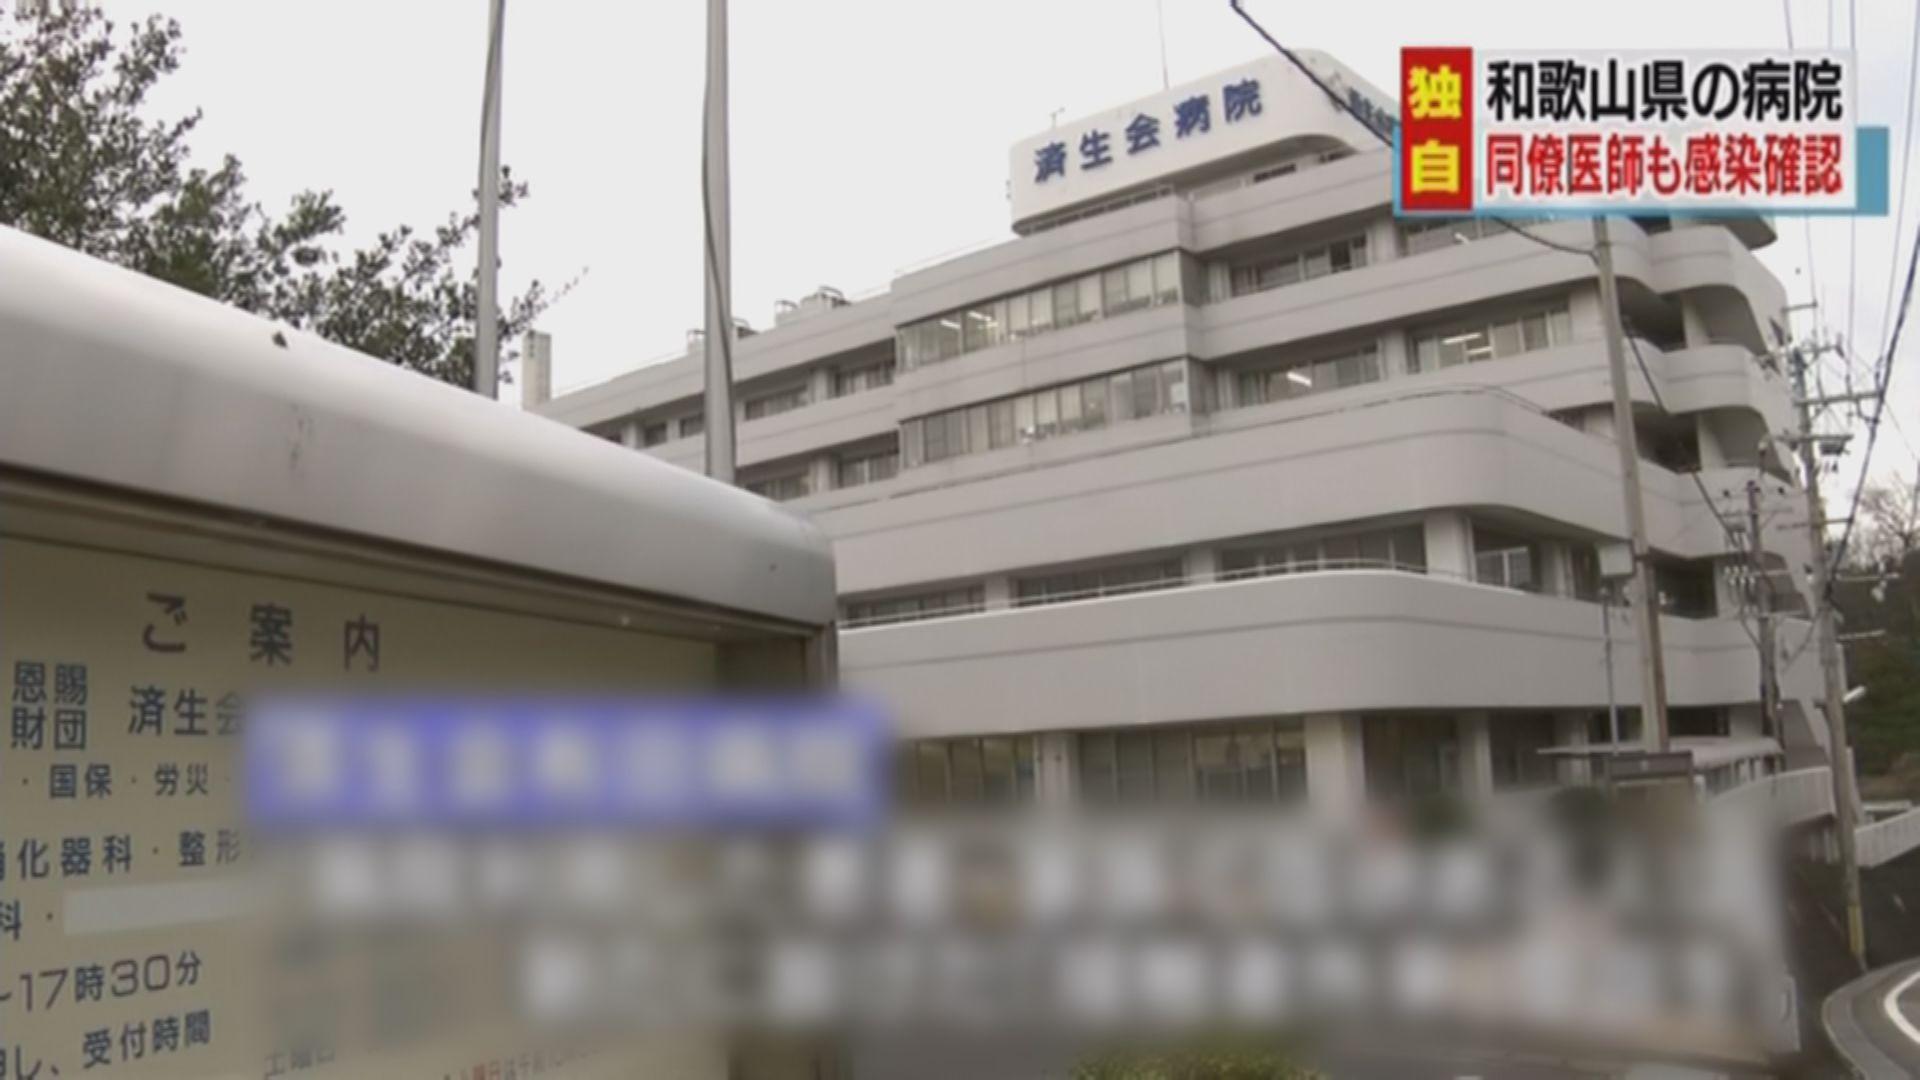 日本有醫生及一名曾訪夏威夷男子證實感染